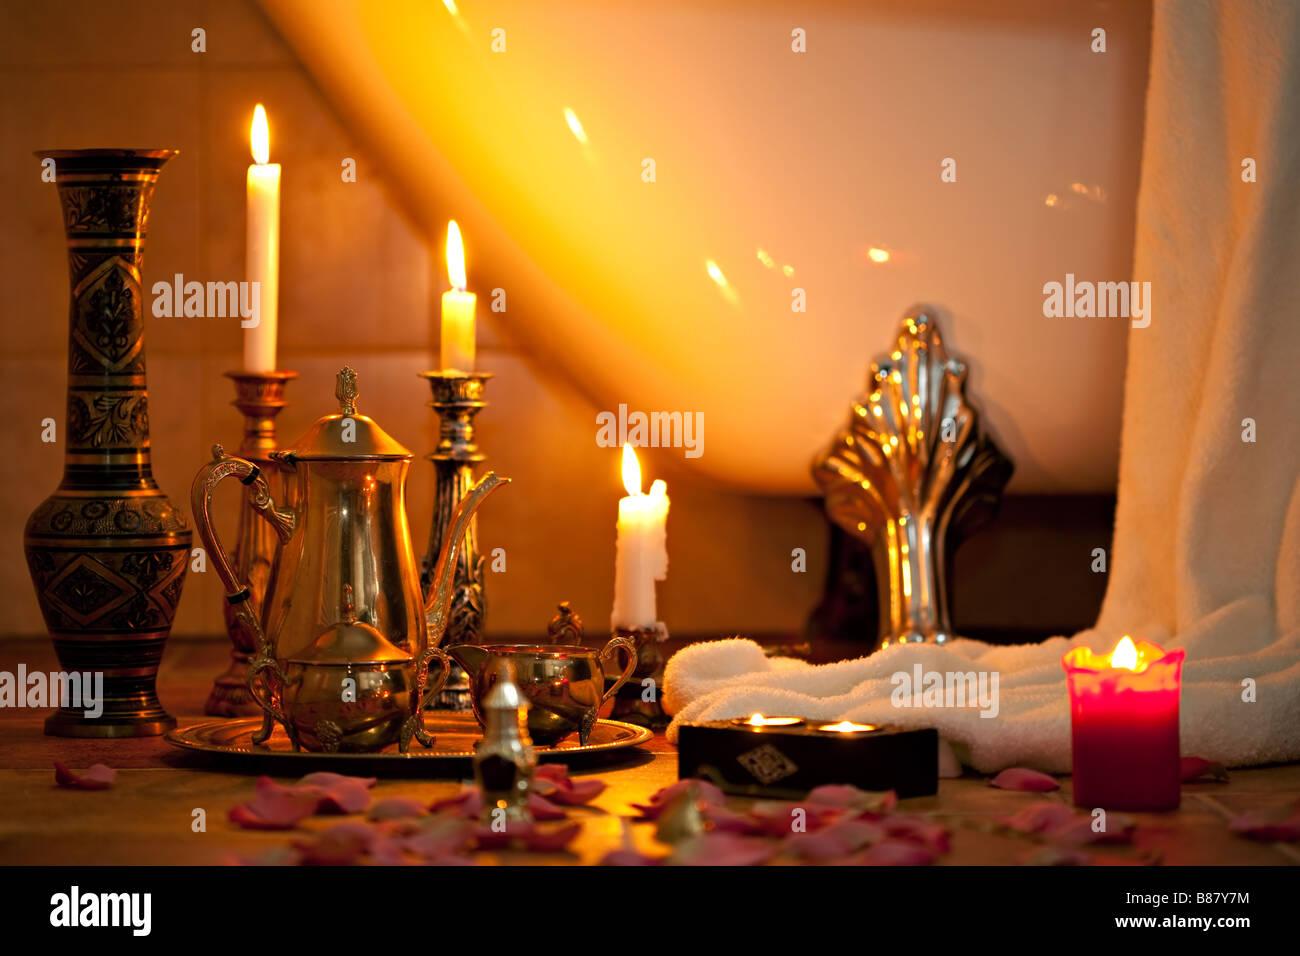 La vie toujours avec des bougies dans la salle de bains rétro Photo Stock